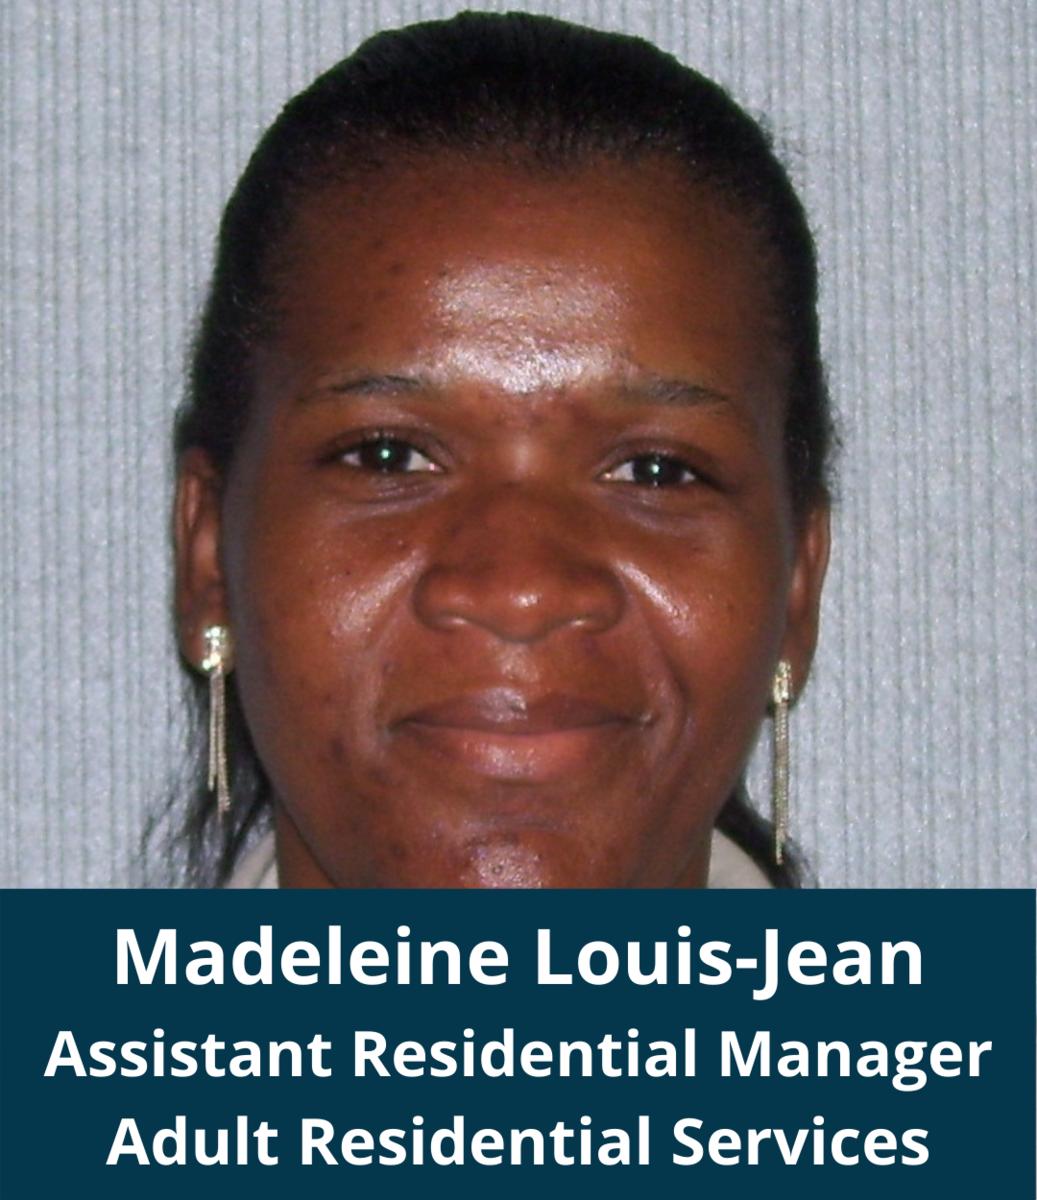 Madeleine Louis-Jean